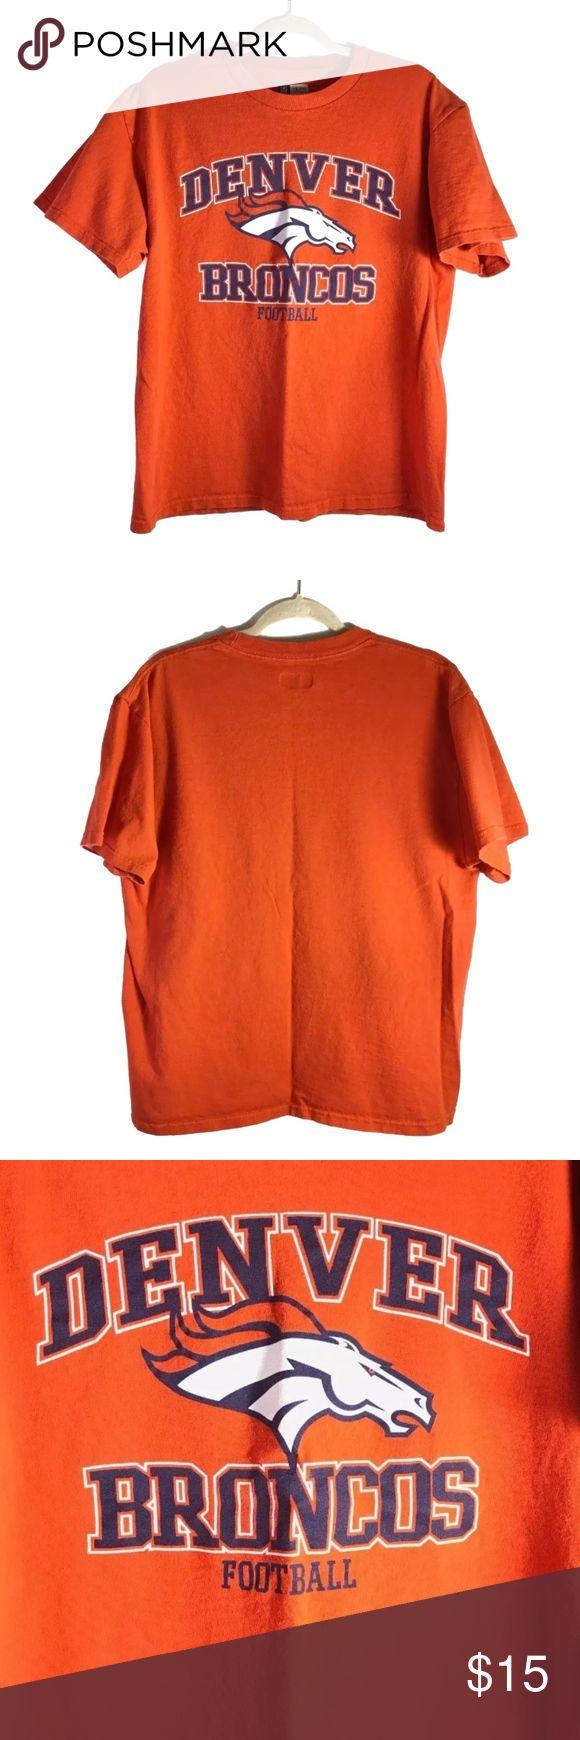 """NFL Denver Broncos T-Shirt Men's Size Large Like New  NFL Football Team Apparel Denver Broncos T-Shirt  Men's Size Large  Measurements Chest 42"""" Length 25.5"""" Sleeves 8"""" Back Width 20"""" NFL Shirts Tees - Short Sleeve"""